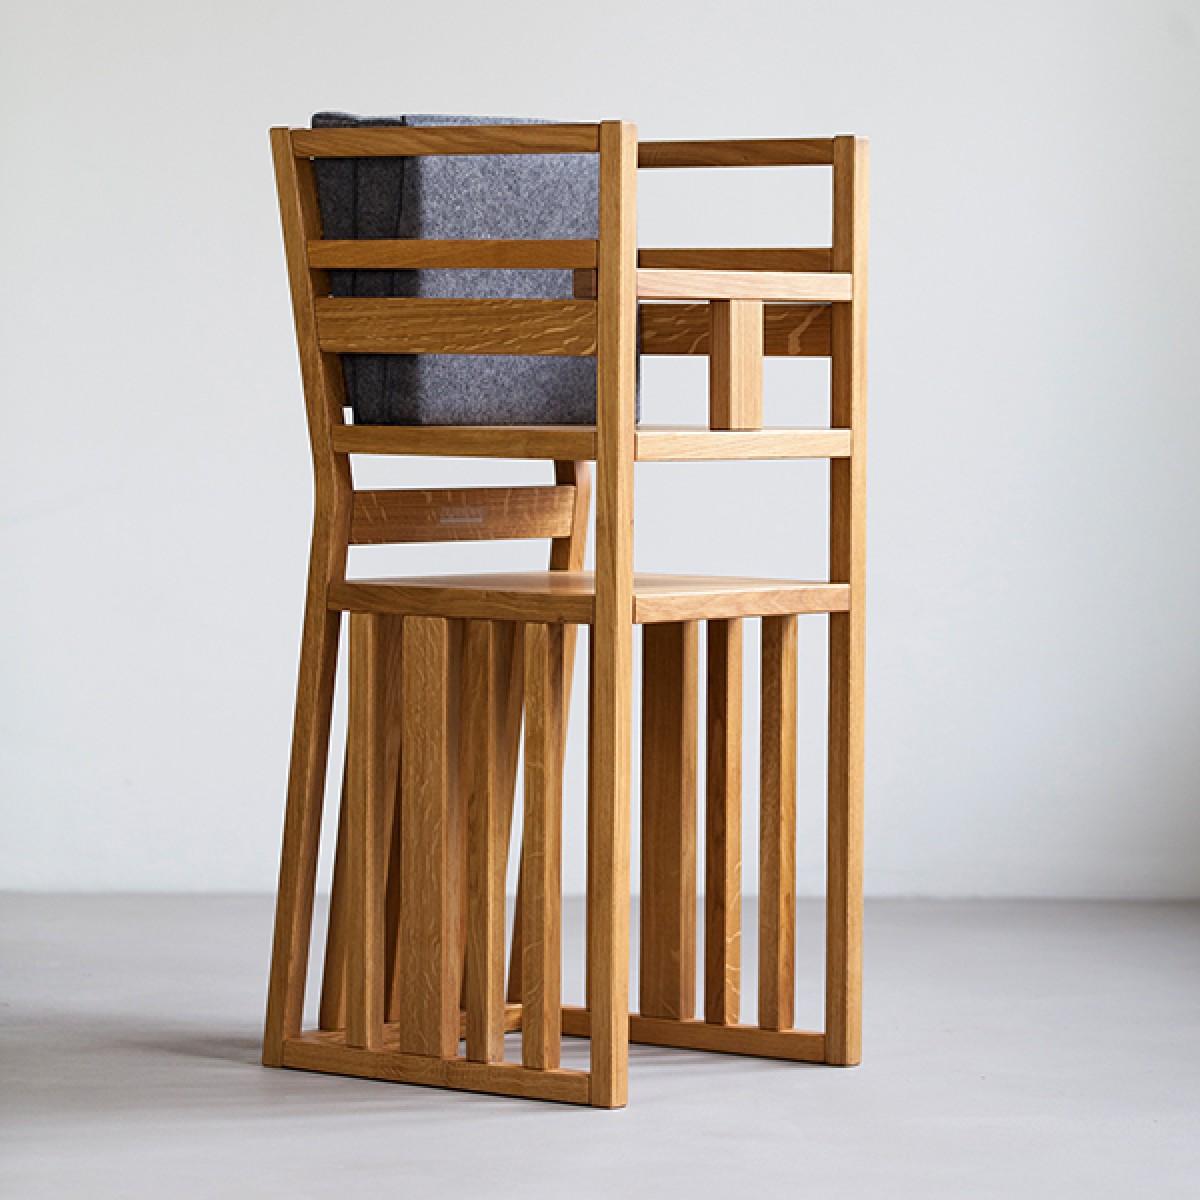 Zaunkönig • Lernturm, Hochstuhl und Spielmöbel/Sitzbank